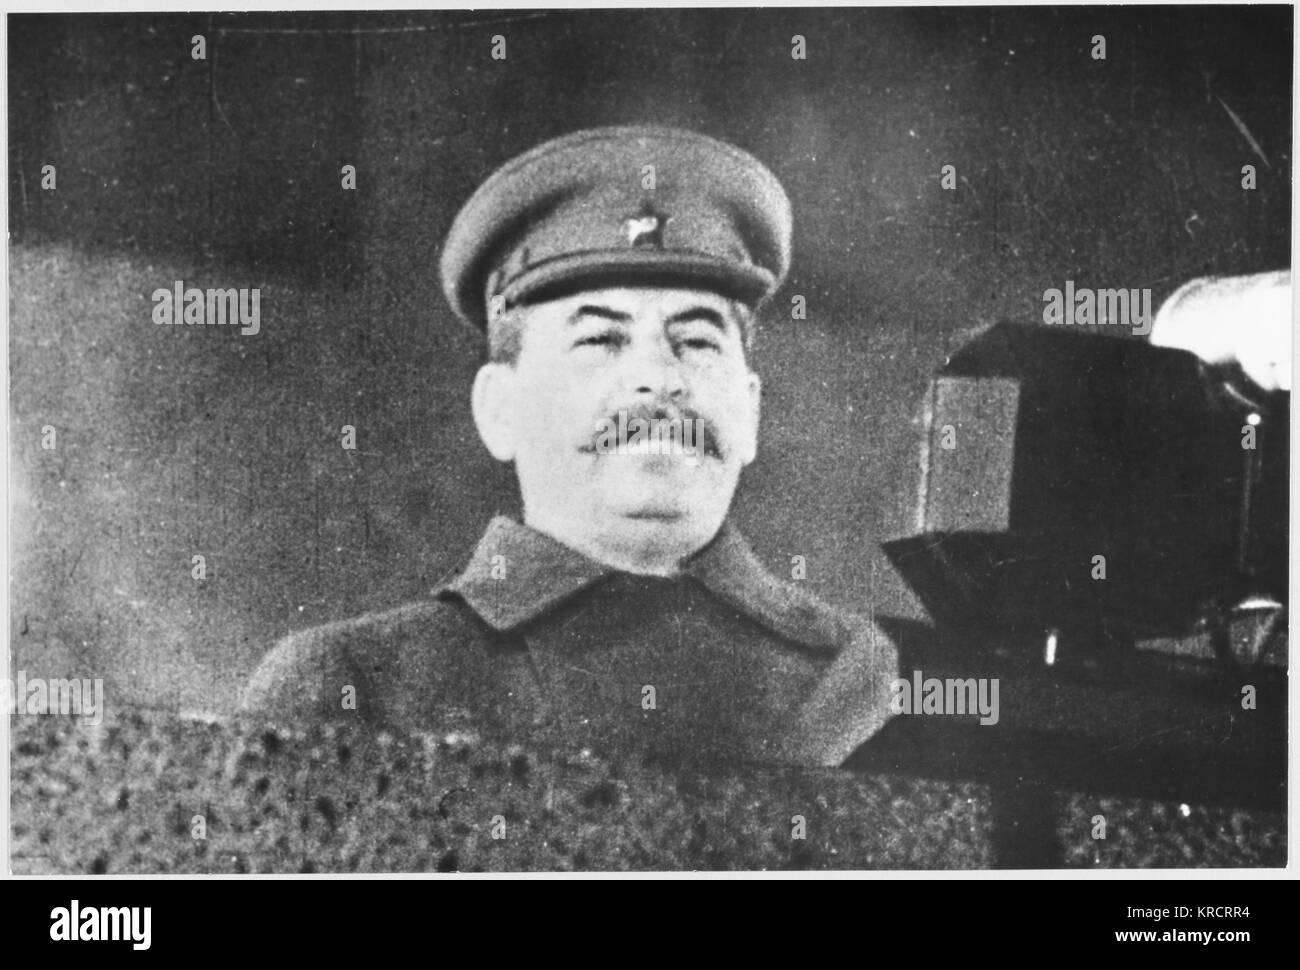 Stalin assiste un rally nella Piazza Rossa di Mosca. Data: Novembre 1941 Immagini Stock